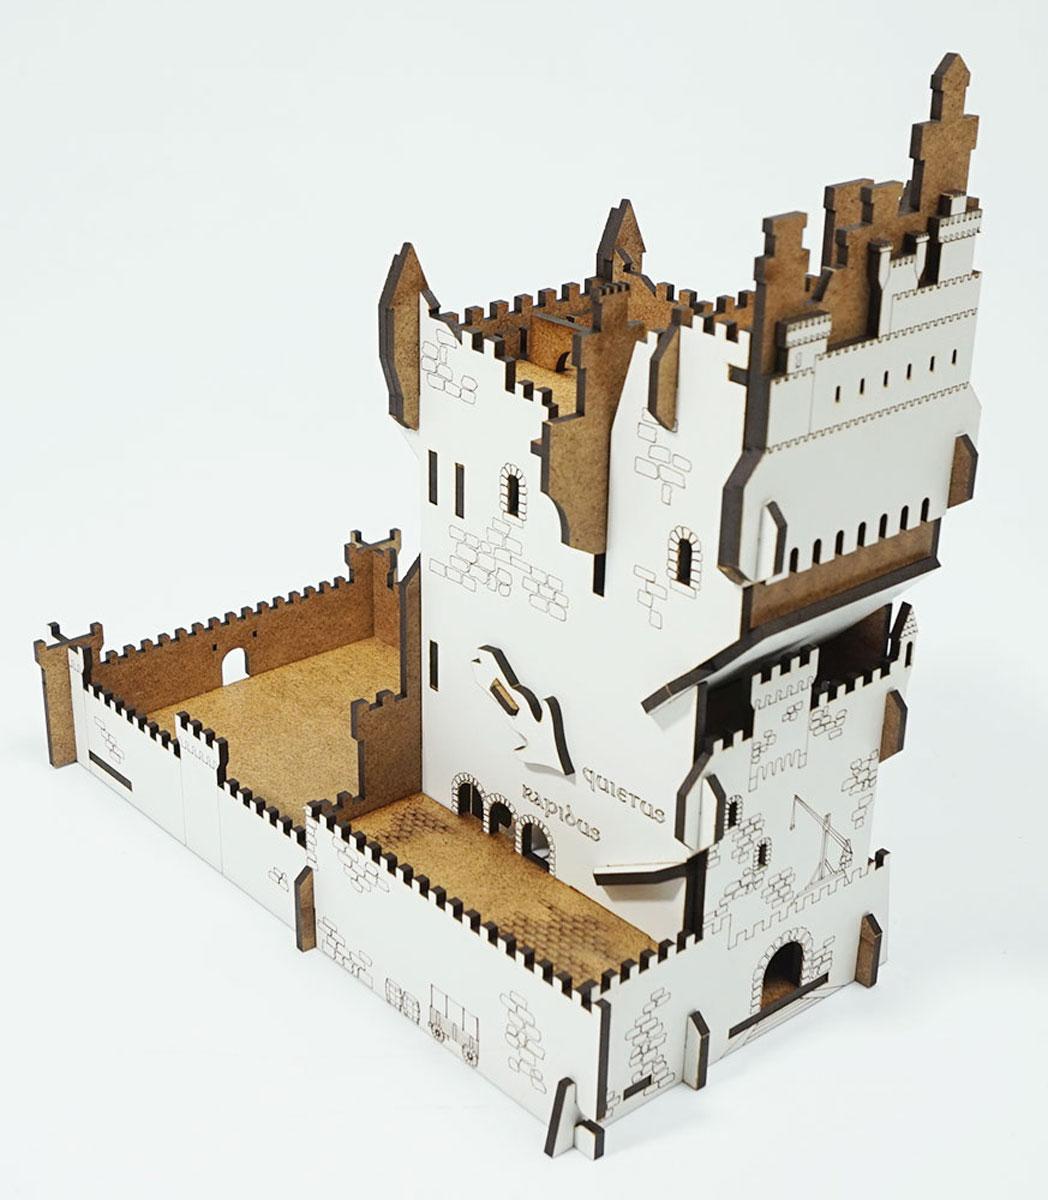 Правильные игры Башня для бросков кубиков Белый Замок складная анимационная 2 режимаLP002-064Башня для бросков кубиков - это приспособления для бросков кубиков когда важно, чтобы значения, выпавшие на кубиках не подверглись сомнению. Башня собирается самостоятельно без клея.